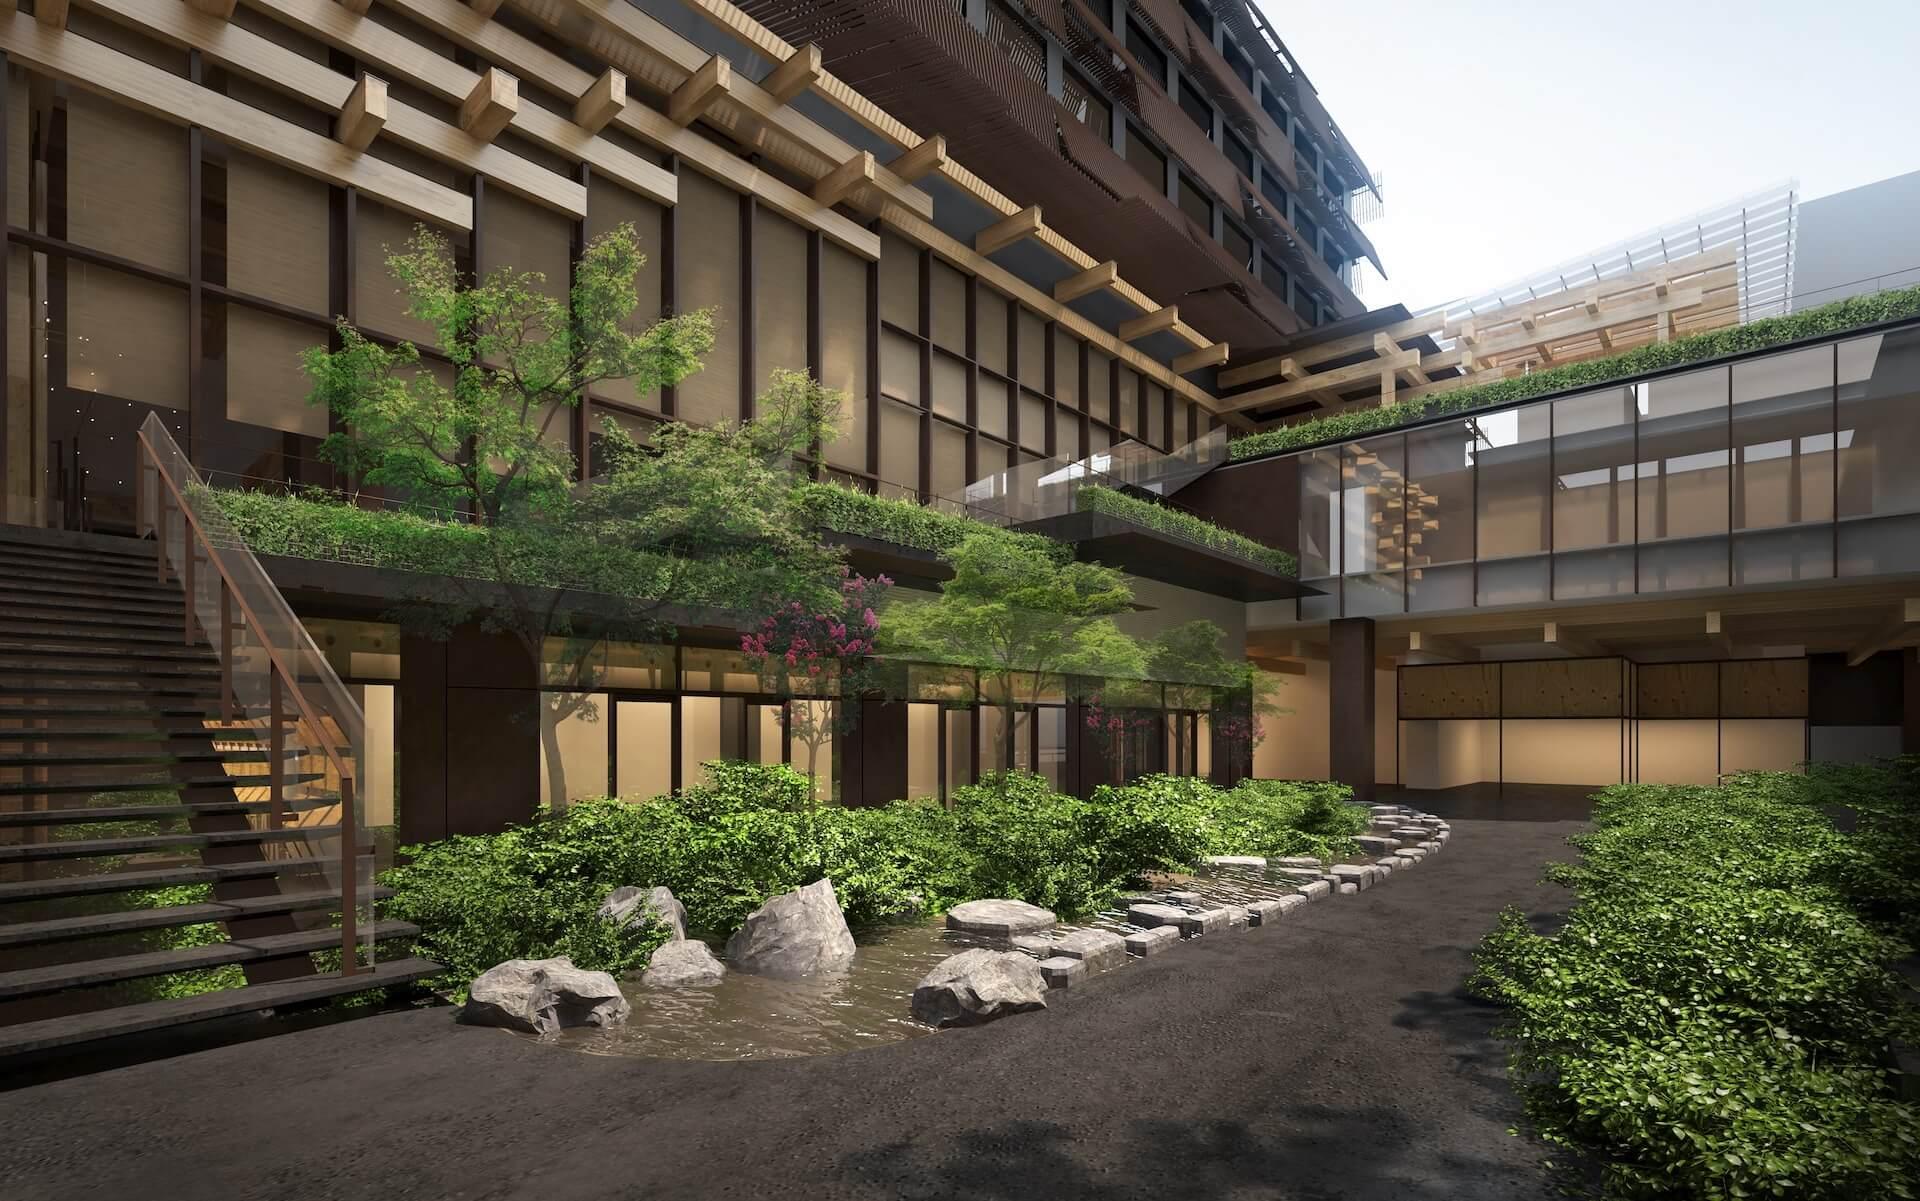 エースホテル京都の開業日が4月16日に決定!隈研吾とコミューンデザインが手掛けた新風館内にオープン lf200128_acehotelkyoto_02